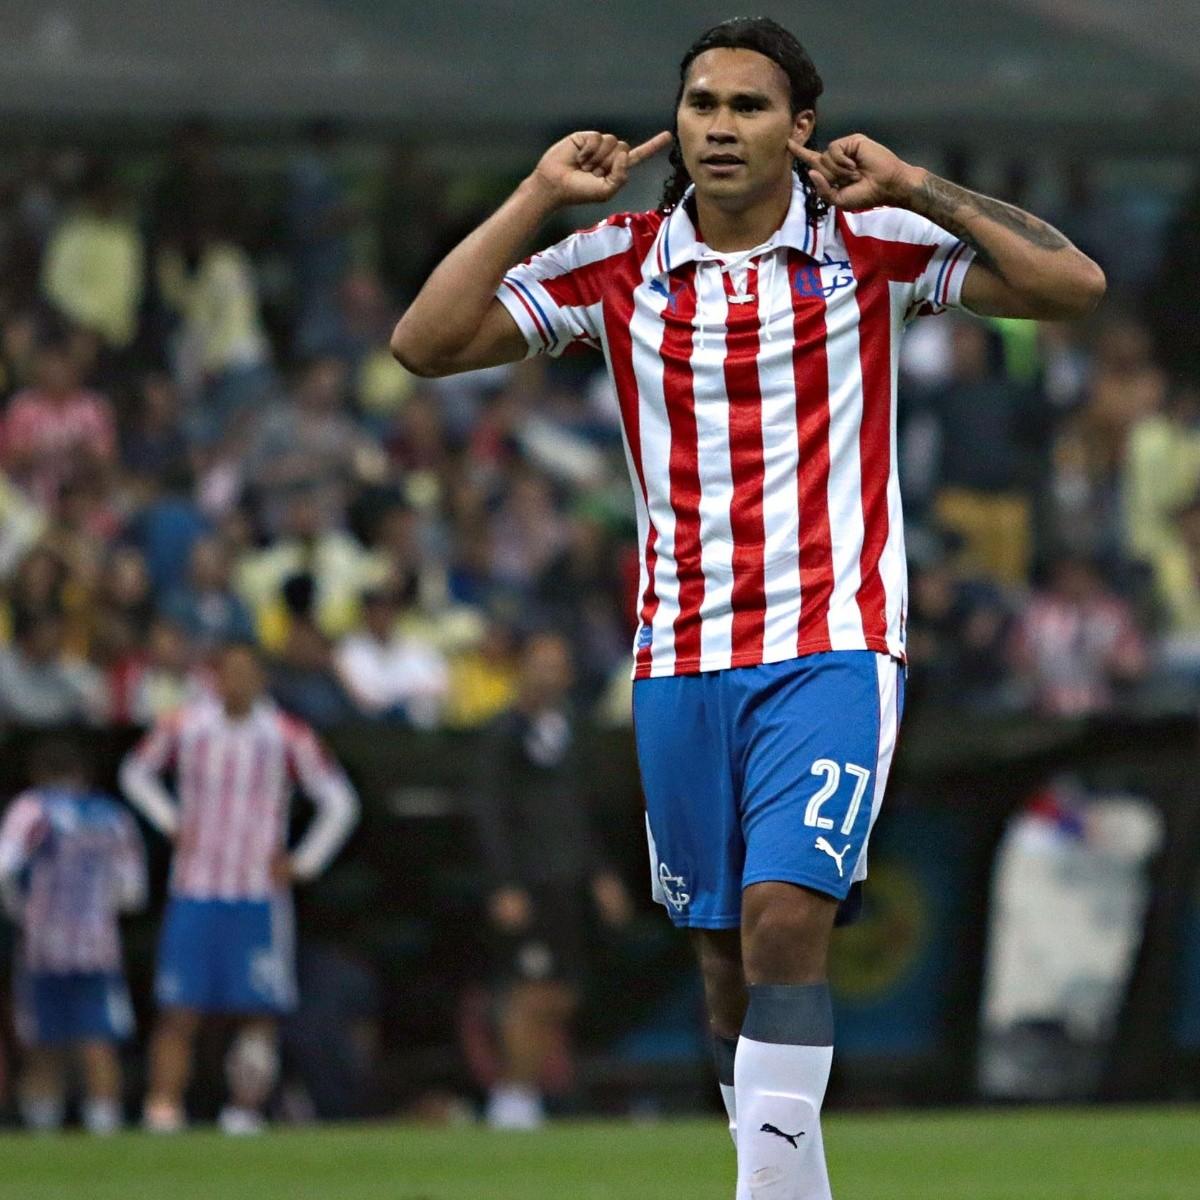 Gullit Peña revela el motivo por el que salió de Chivas; insinúa que no fue por su rendimiento e indisciplinas